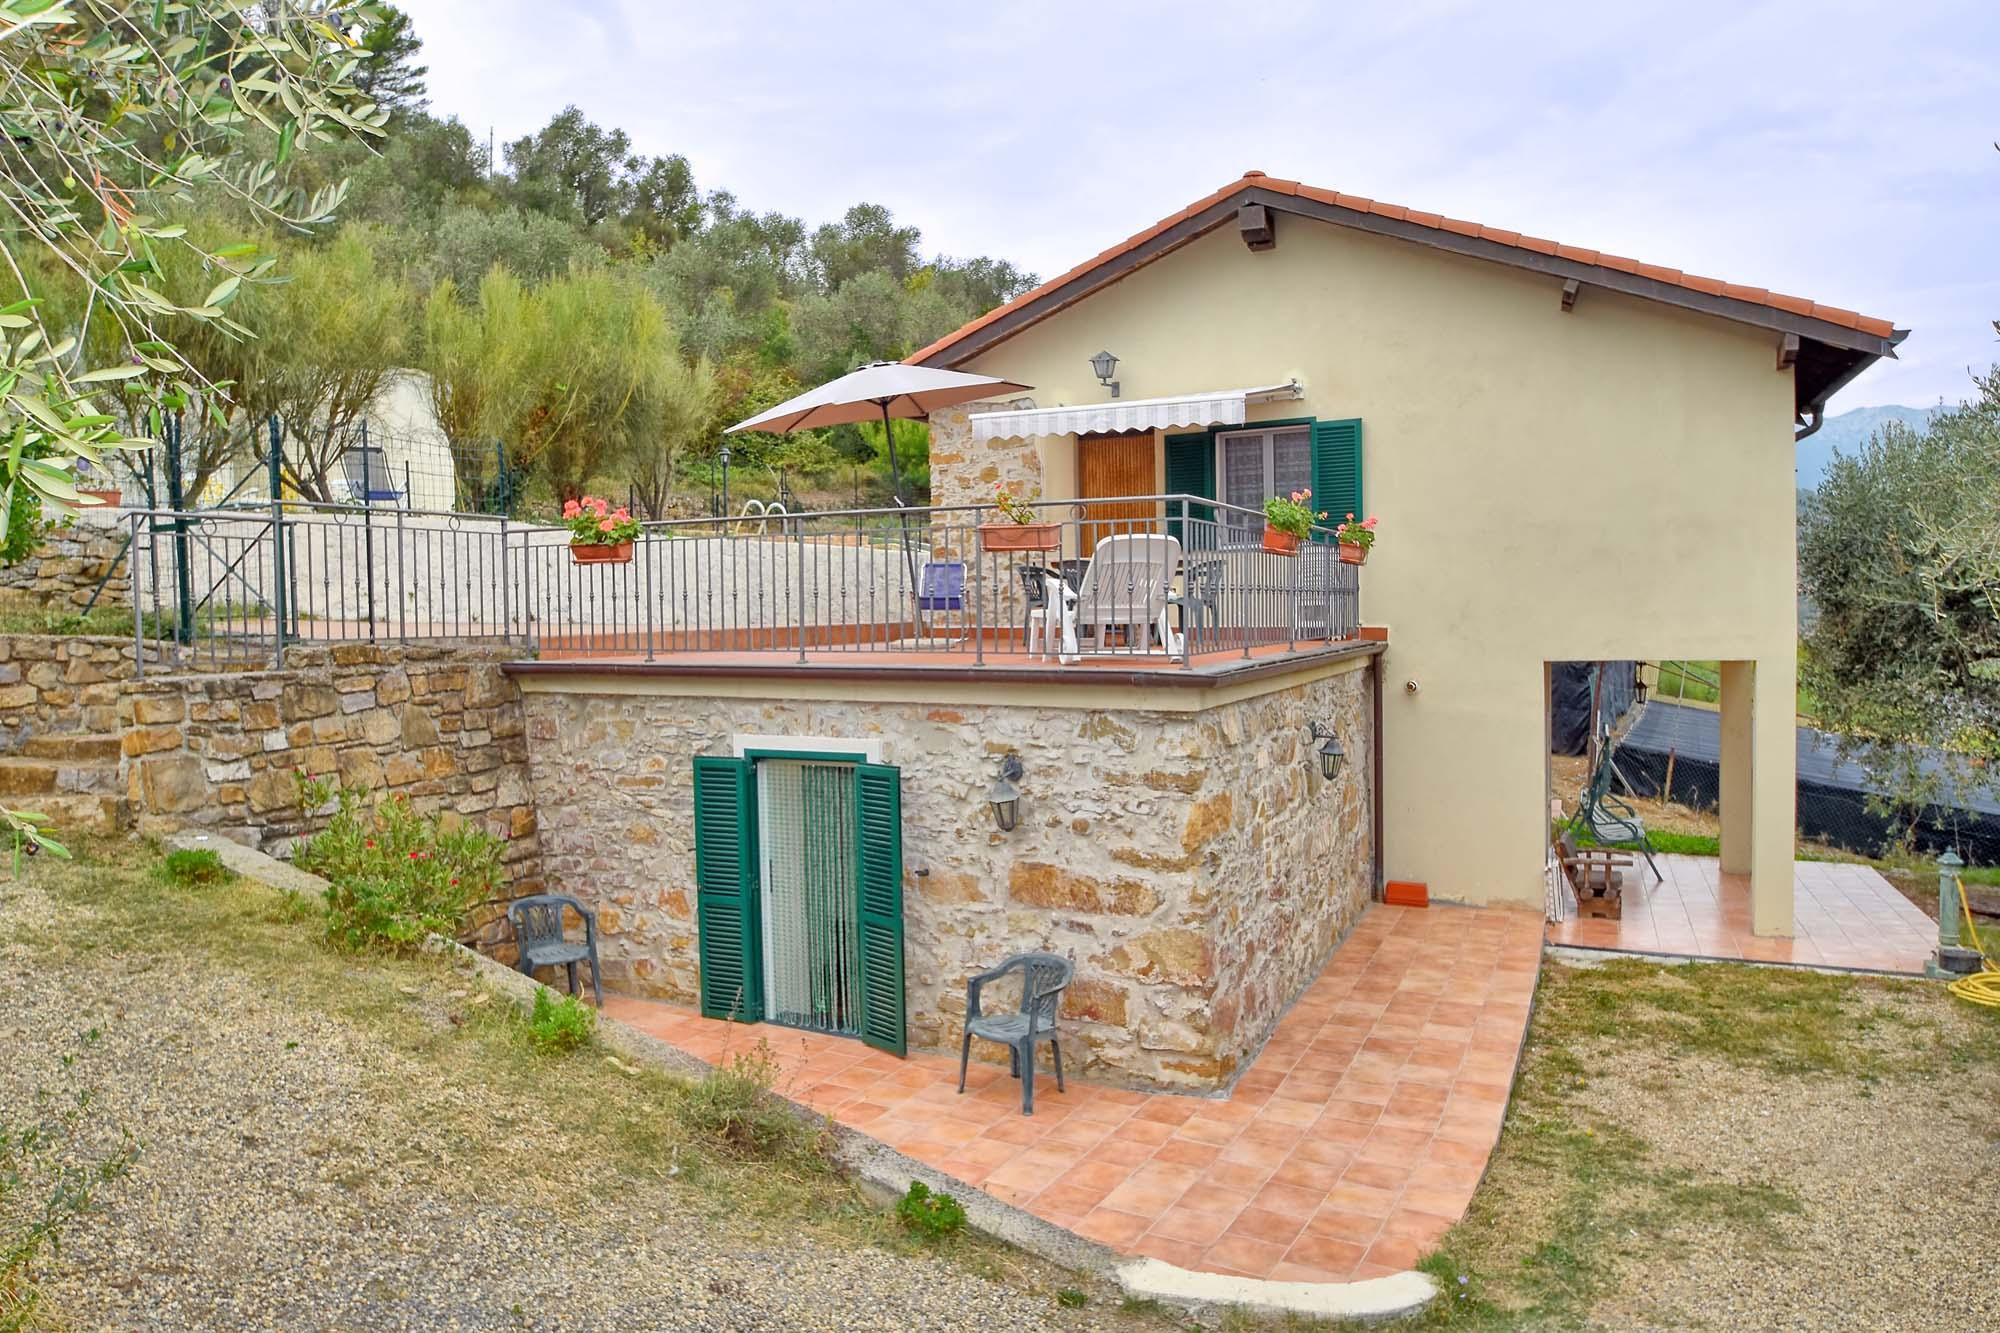 Vakantiehuis in Dolceacqua met zwembad, in Ligurie.